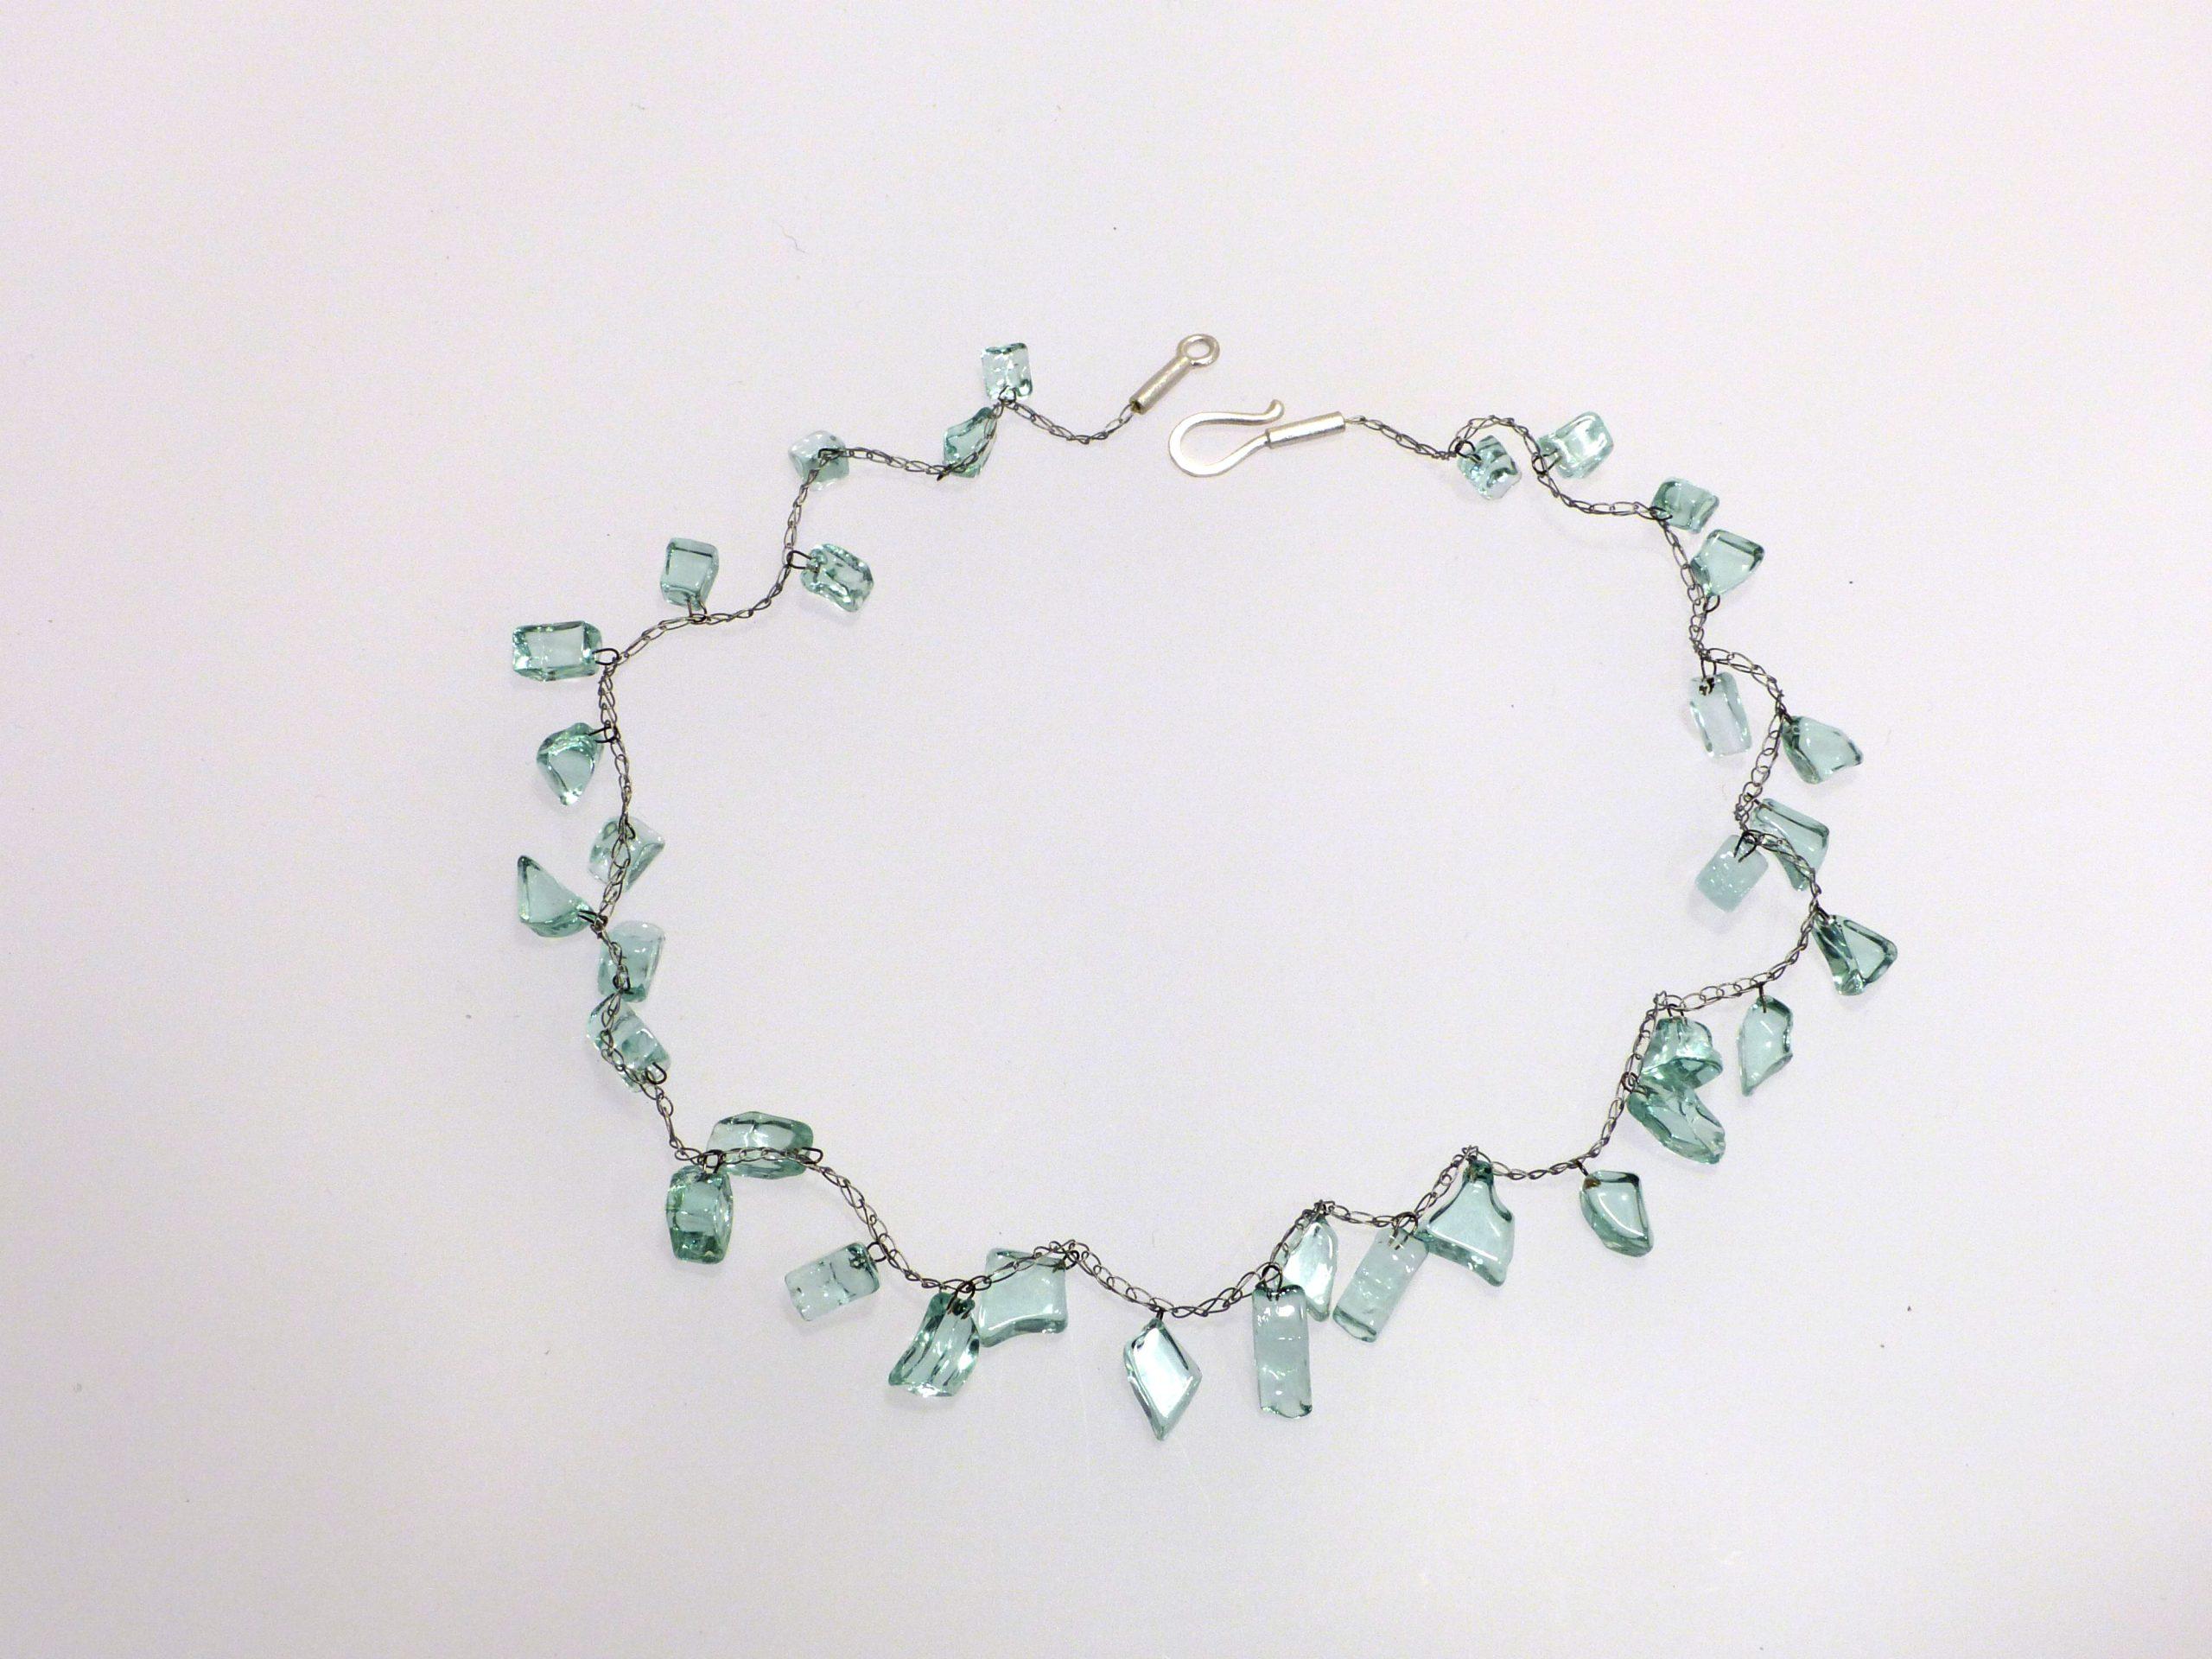 Heckscheibenstückchen gehäkelt | Glas, Stahlseil, Silber | 090438-20